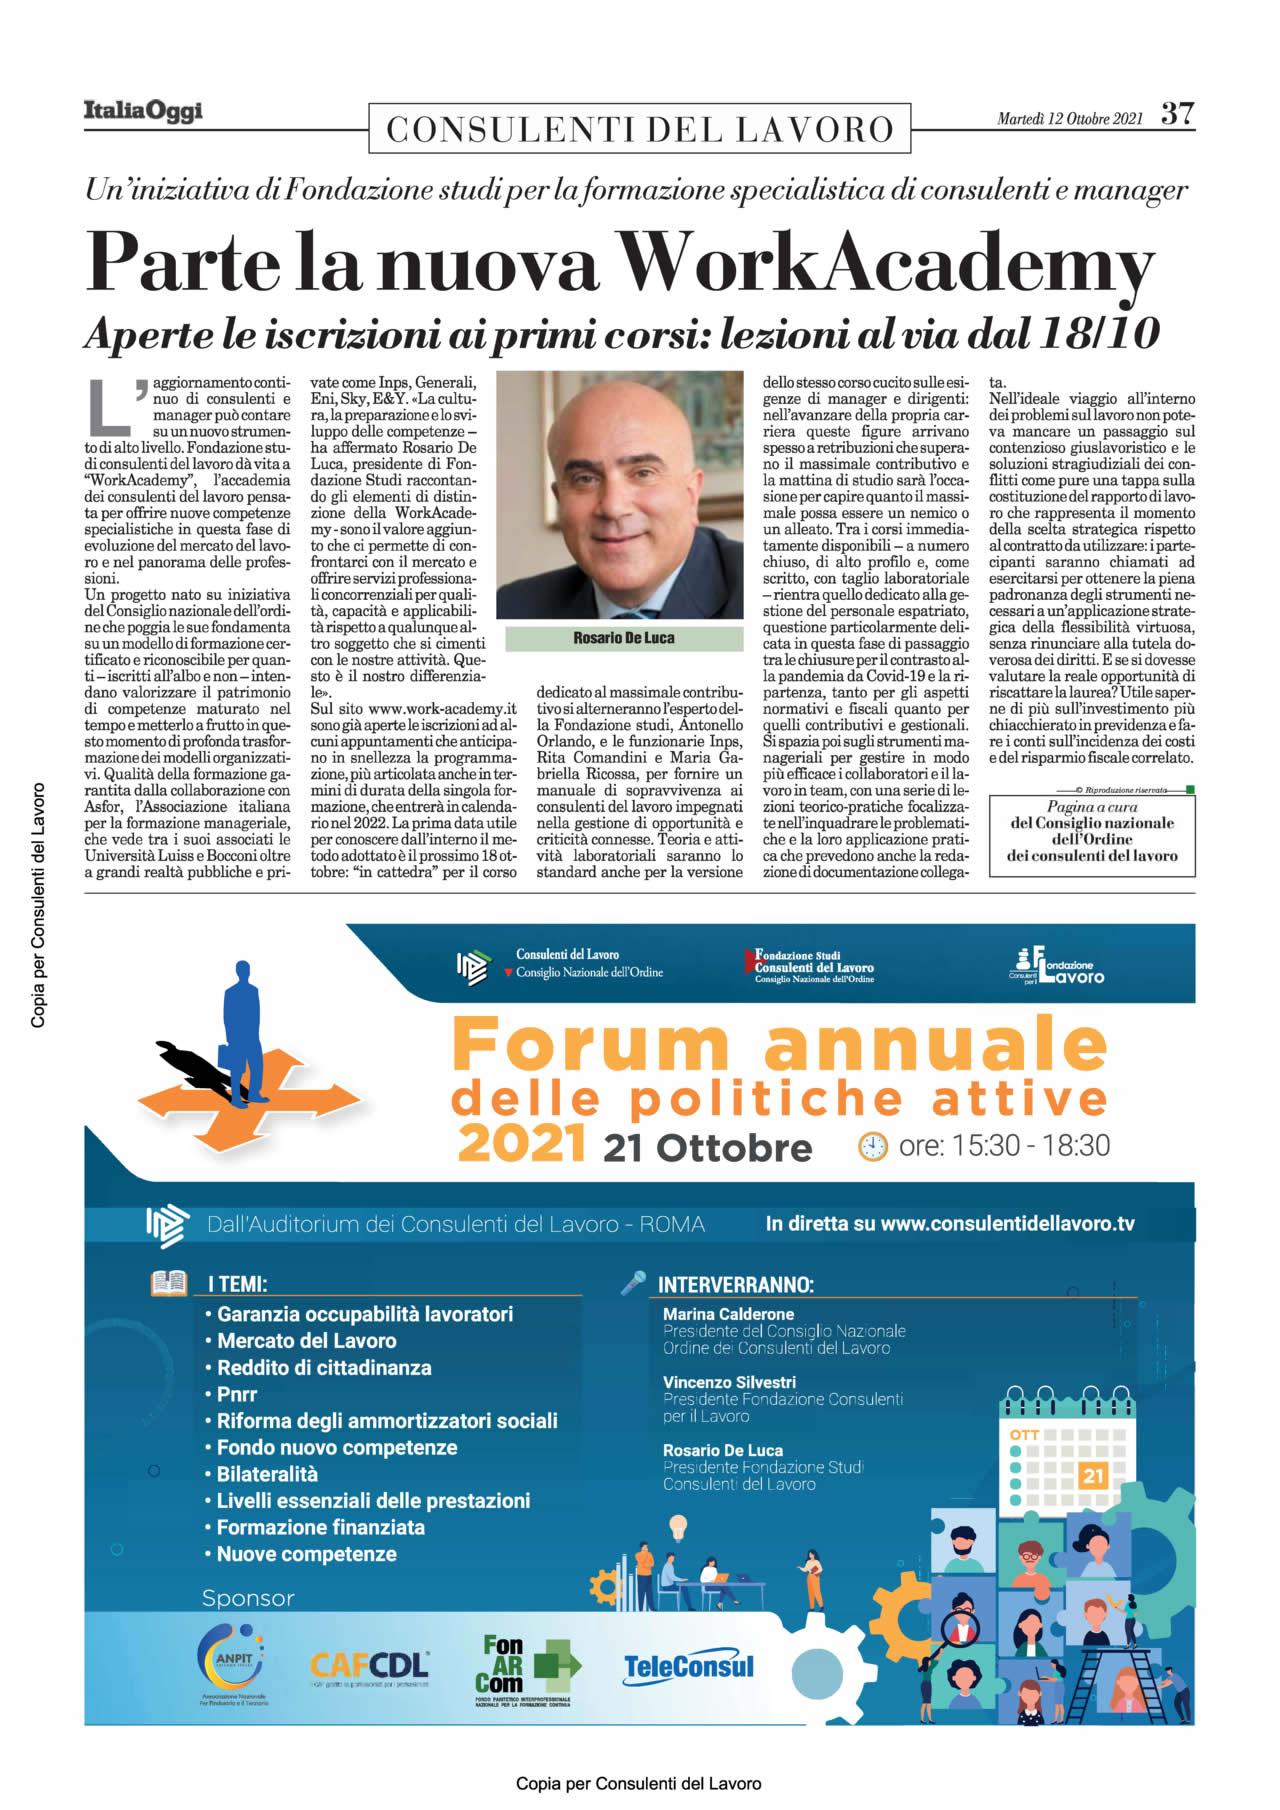 Consulenti del Lavoro - Italia Oggi del 12 ottobre 2021